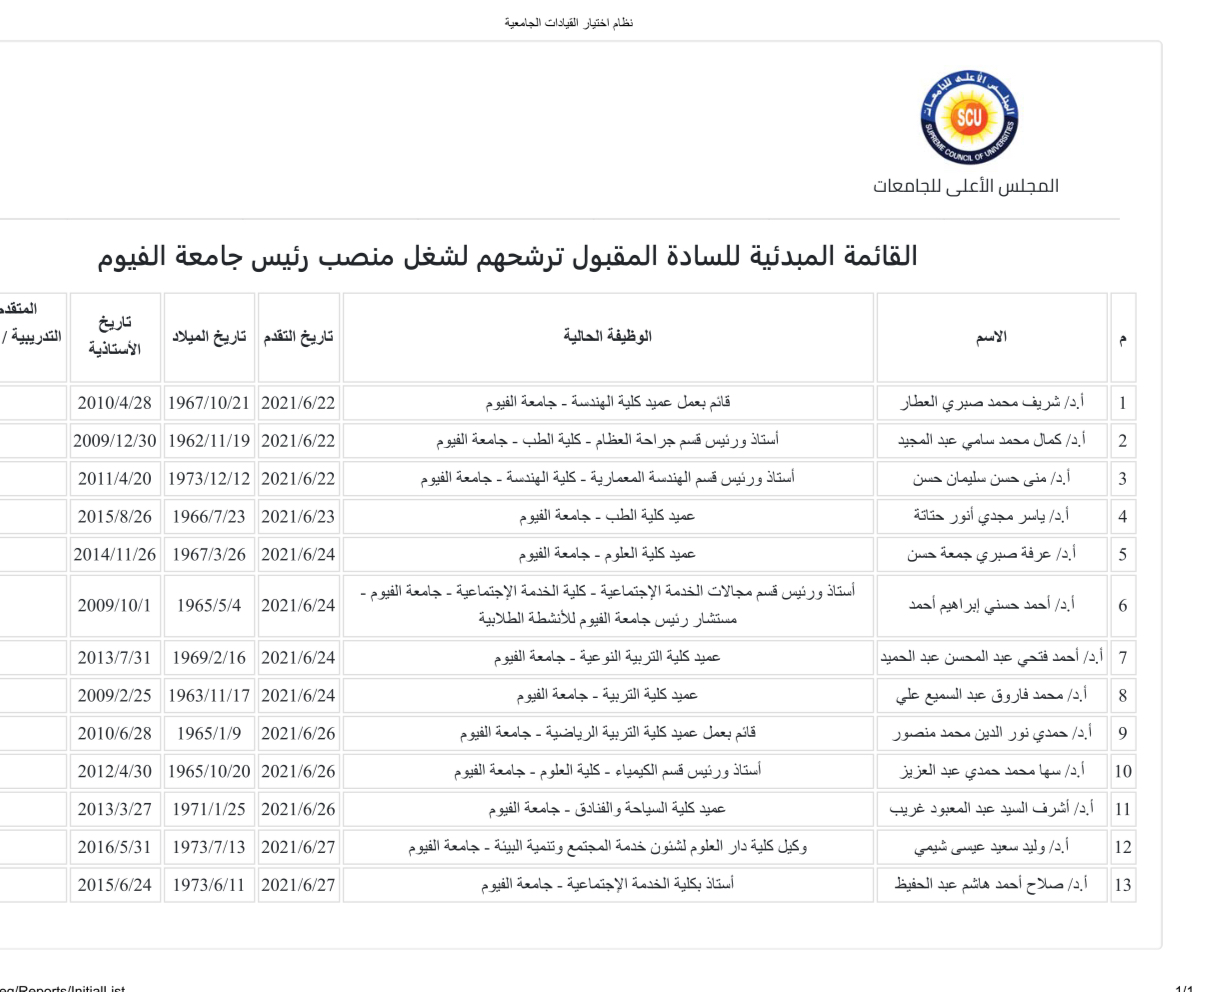 القائمة المبدئية لمرشحين منصب رئيس جامعة الفيوم